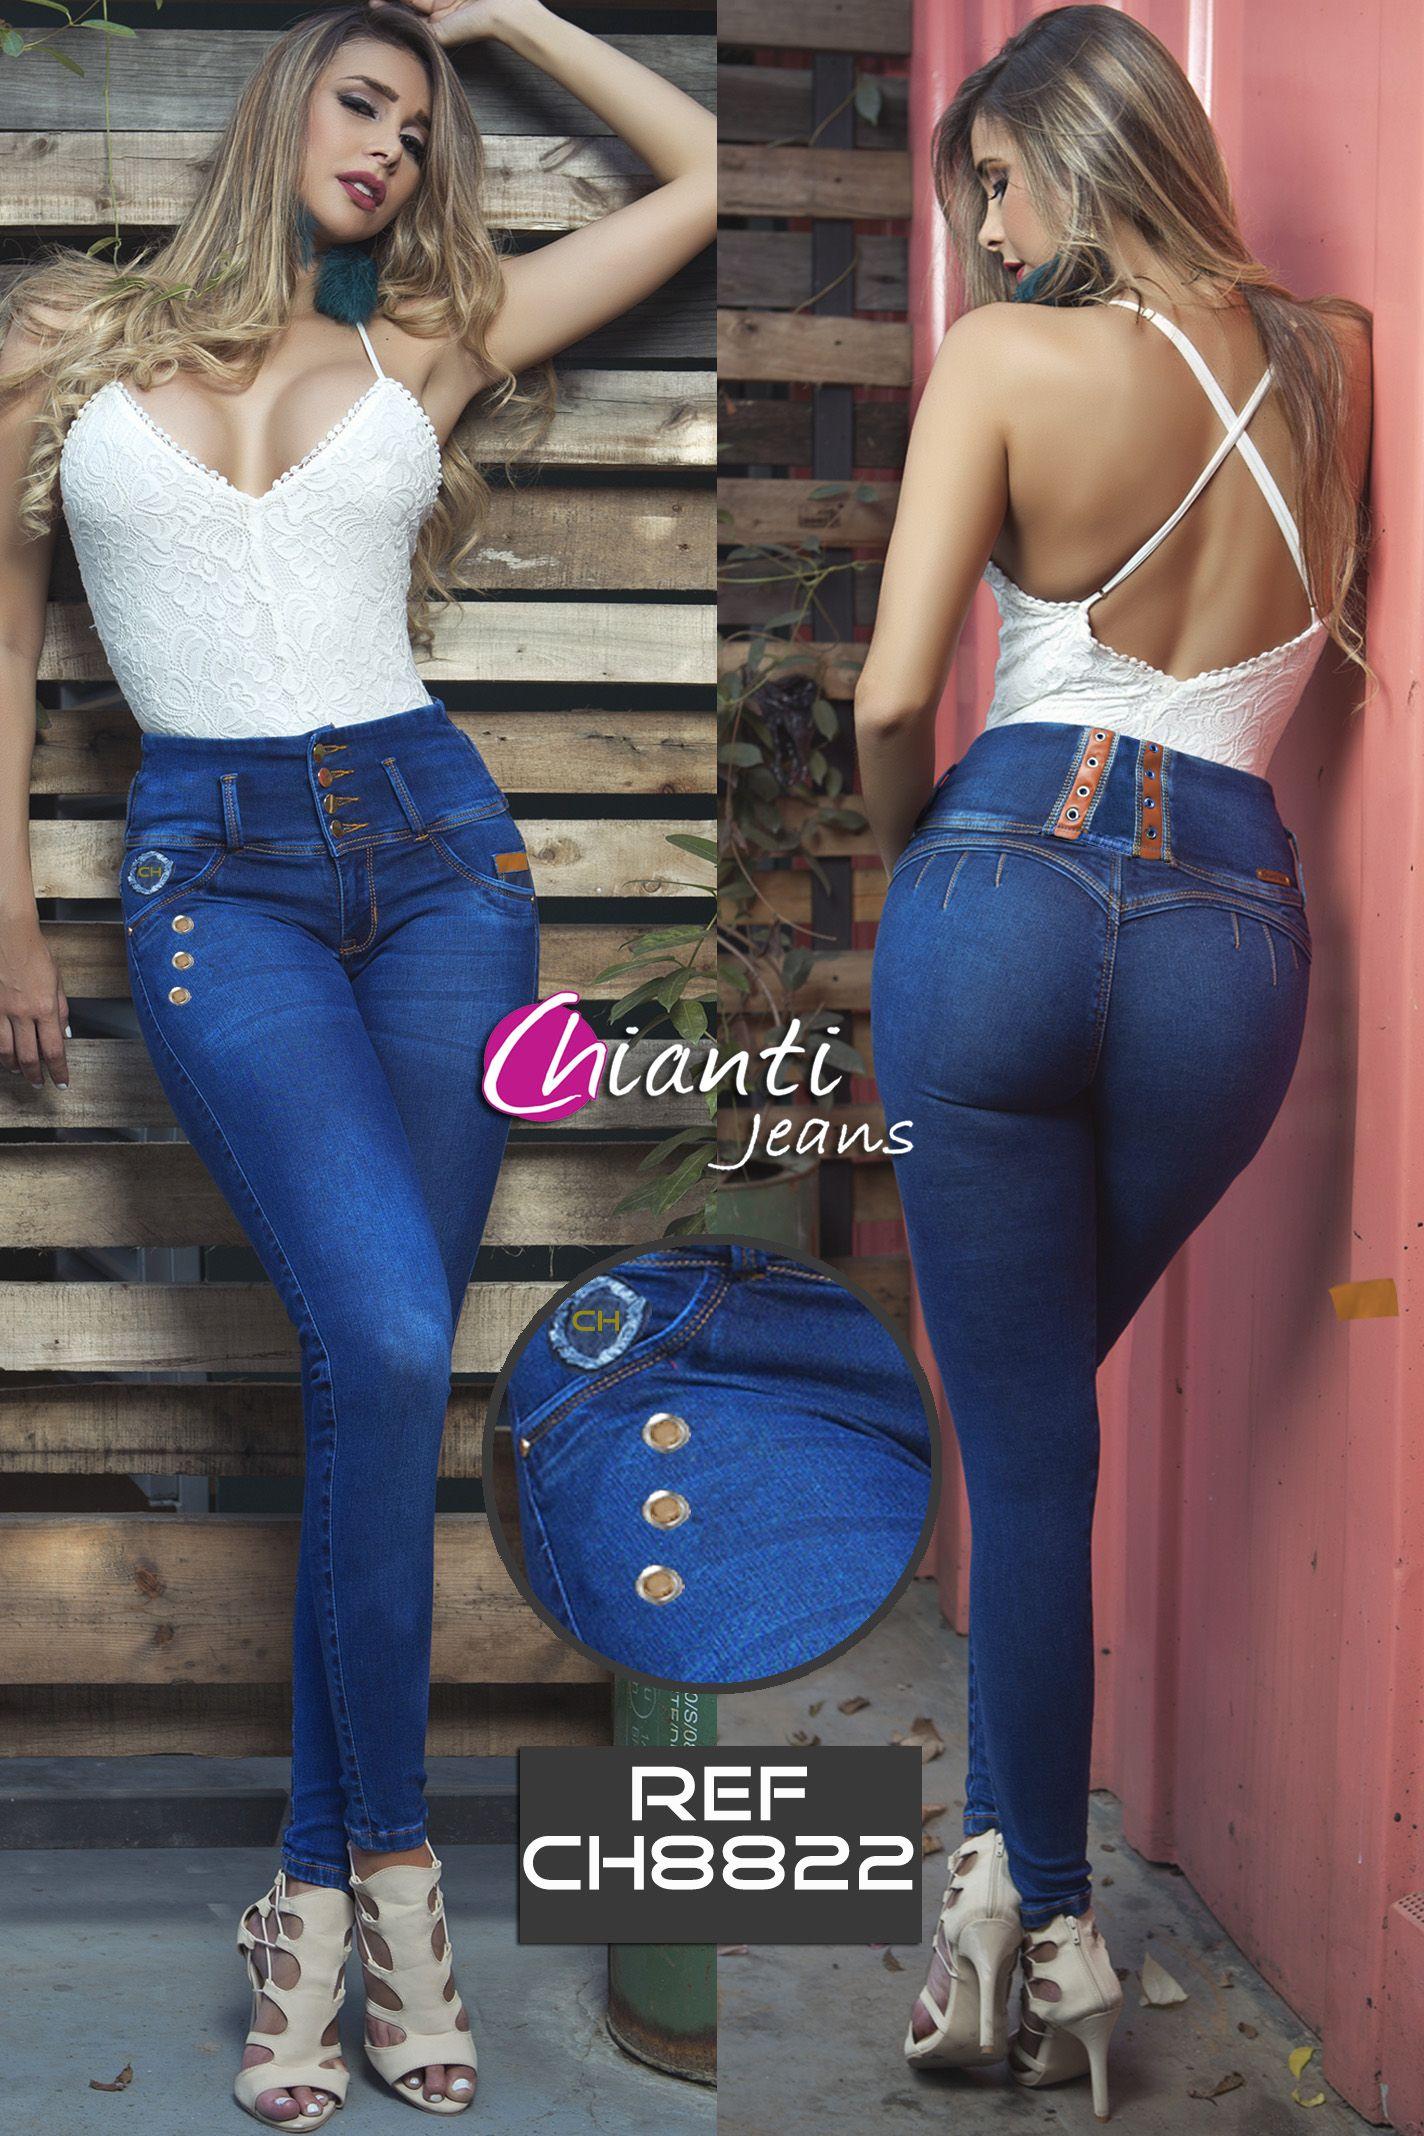 12 Ideas De Pantalones Colombianos Chianti Jeans Pantalones Colombianos Pantalones Pantalones De Colores